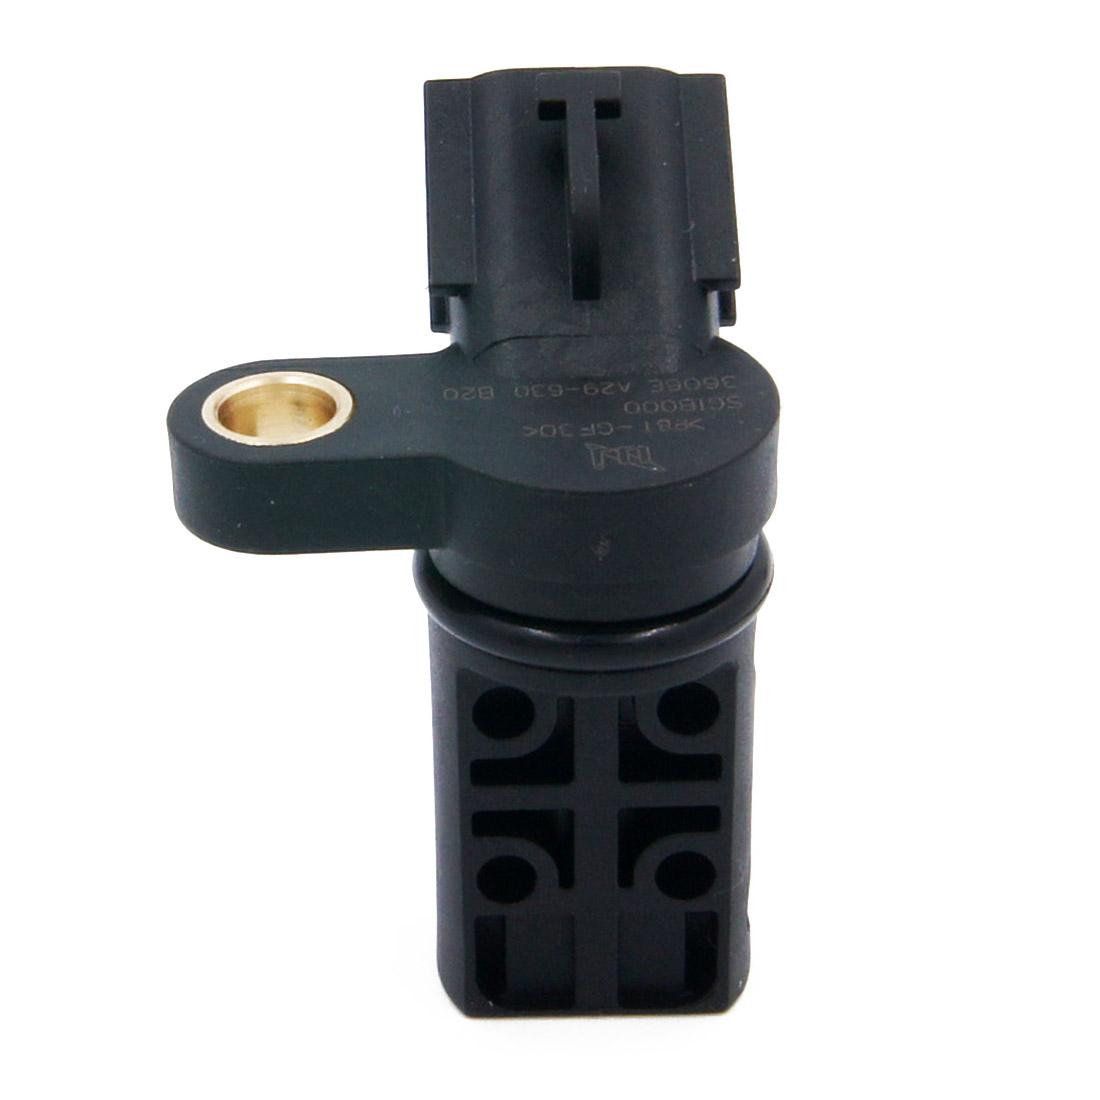 2007 Nissan Maxima Camshaft: Genuine For Camshaft/Crankshaft Position Sensor Fits